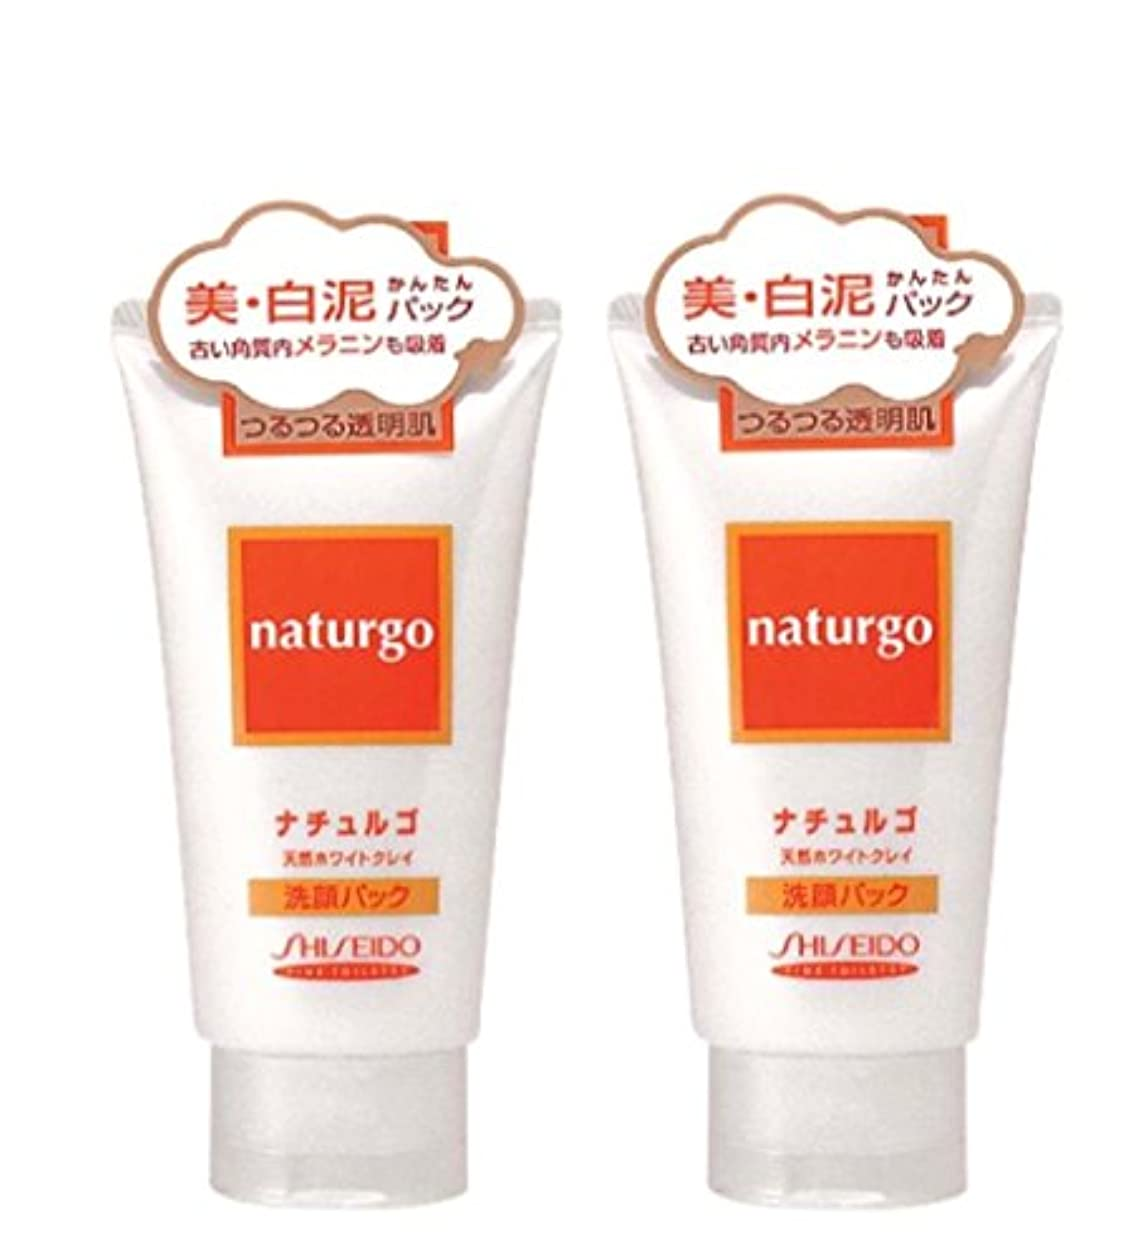 空いている掃くチャンバー【まとめ買い】ナチュルゴ 天然ホワイトクレイ洗顔パック 120g ×2セット